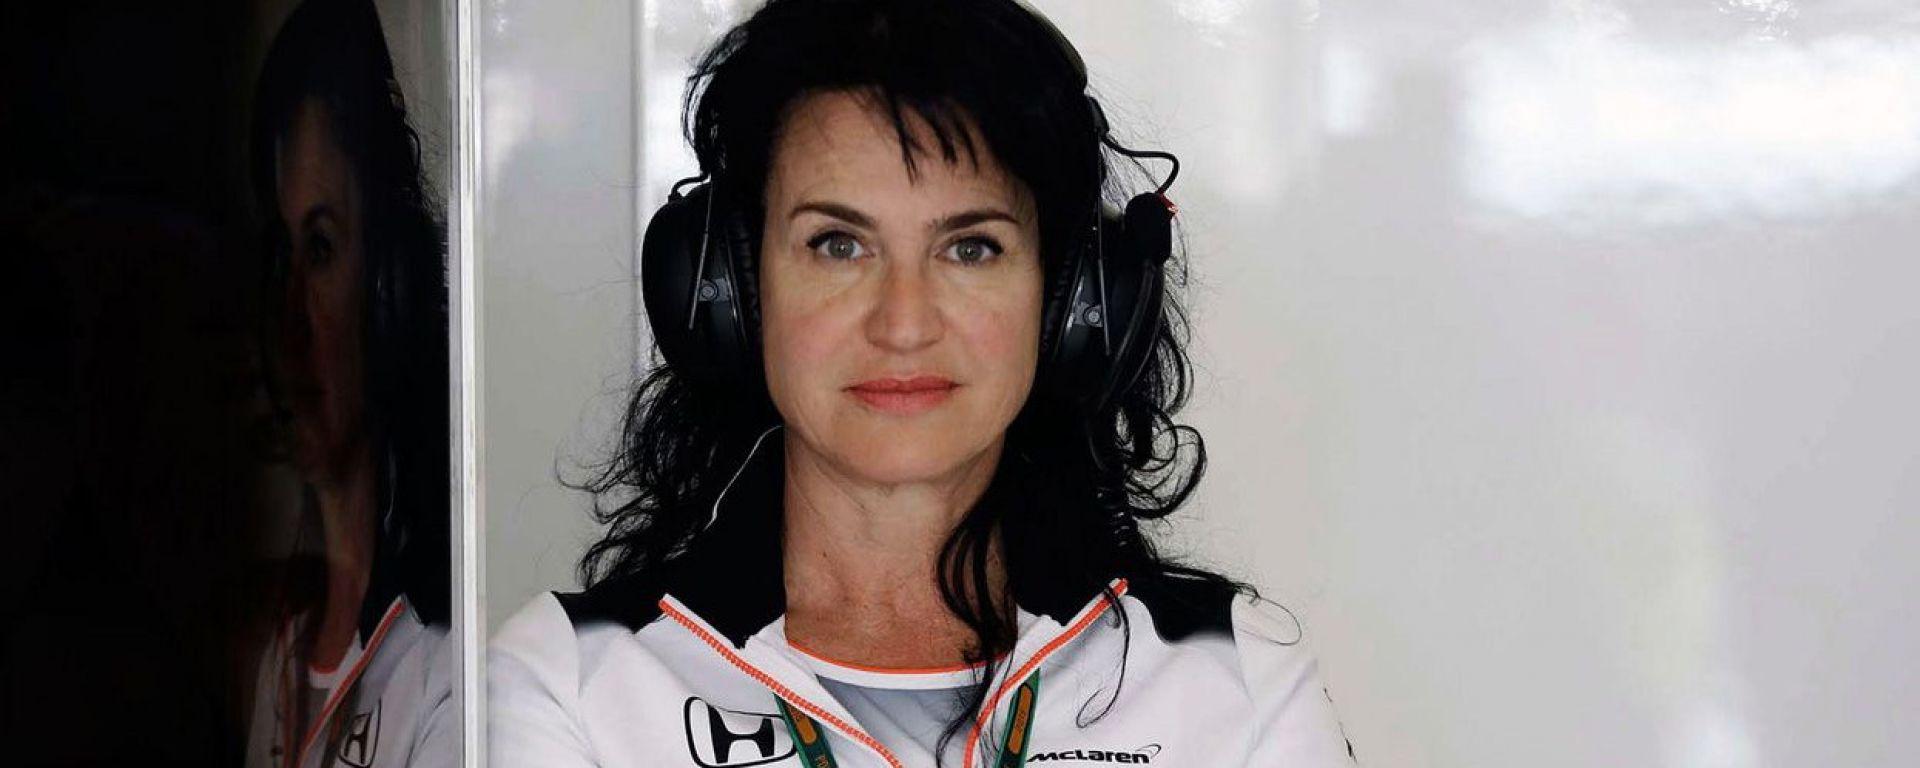 Continua il riassetto Ferrari: fuori Antonini, dentro Hoffer